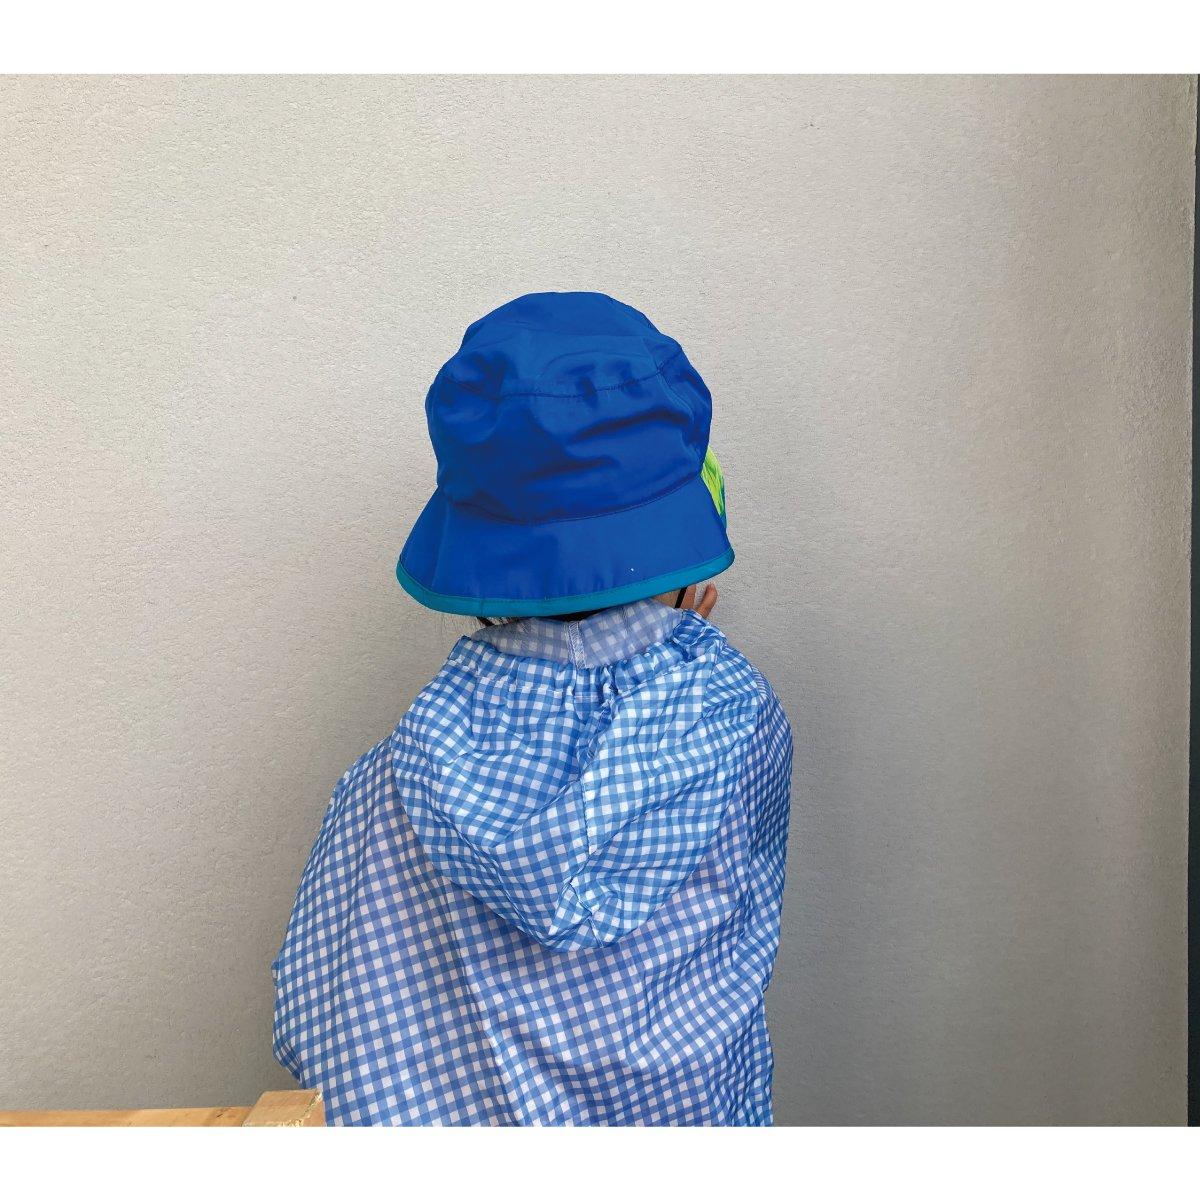 【KIDS】Rain PVC Hat 詳細画像26